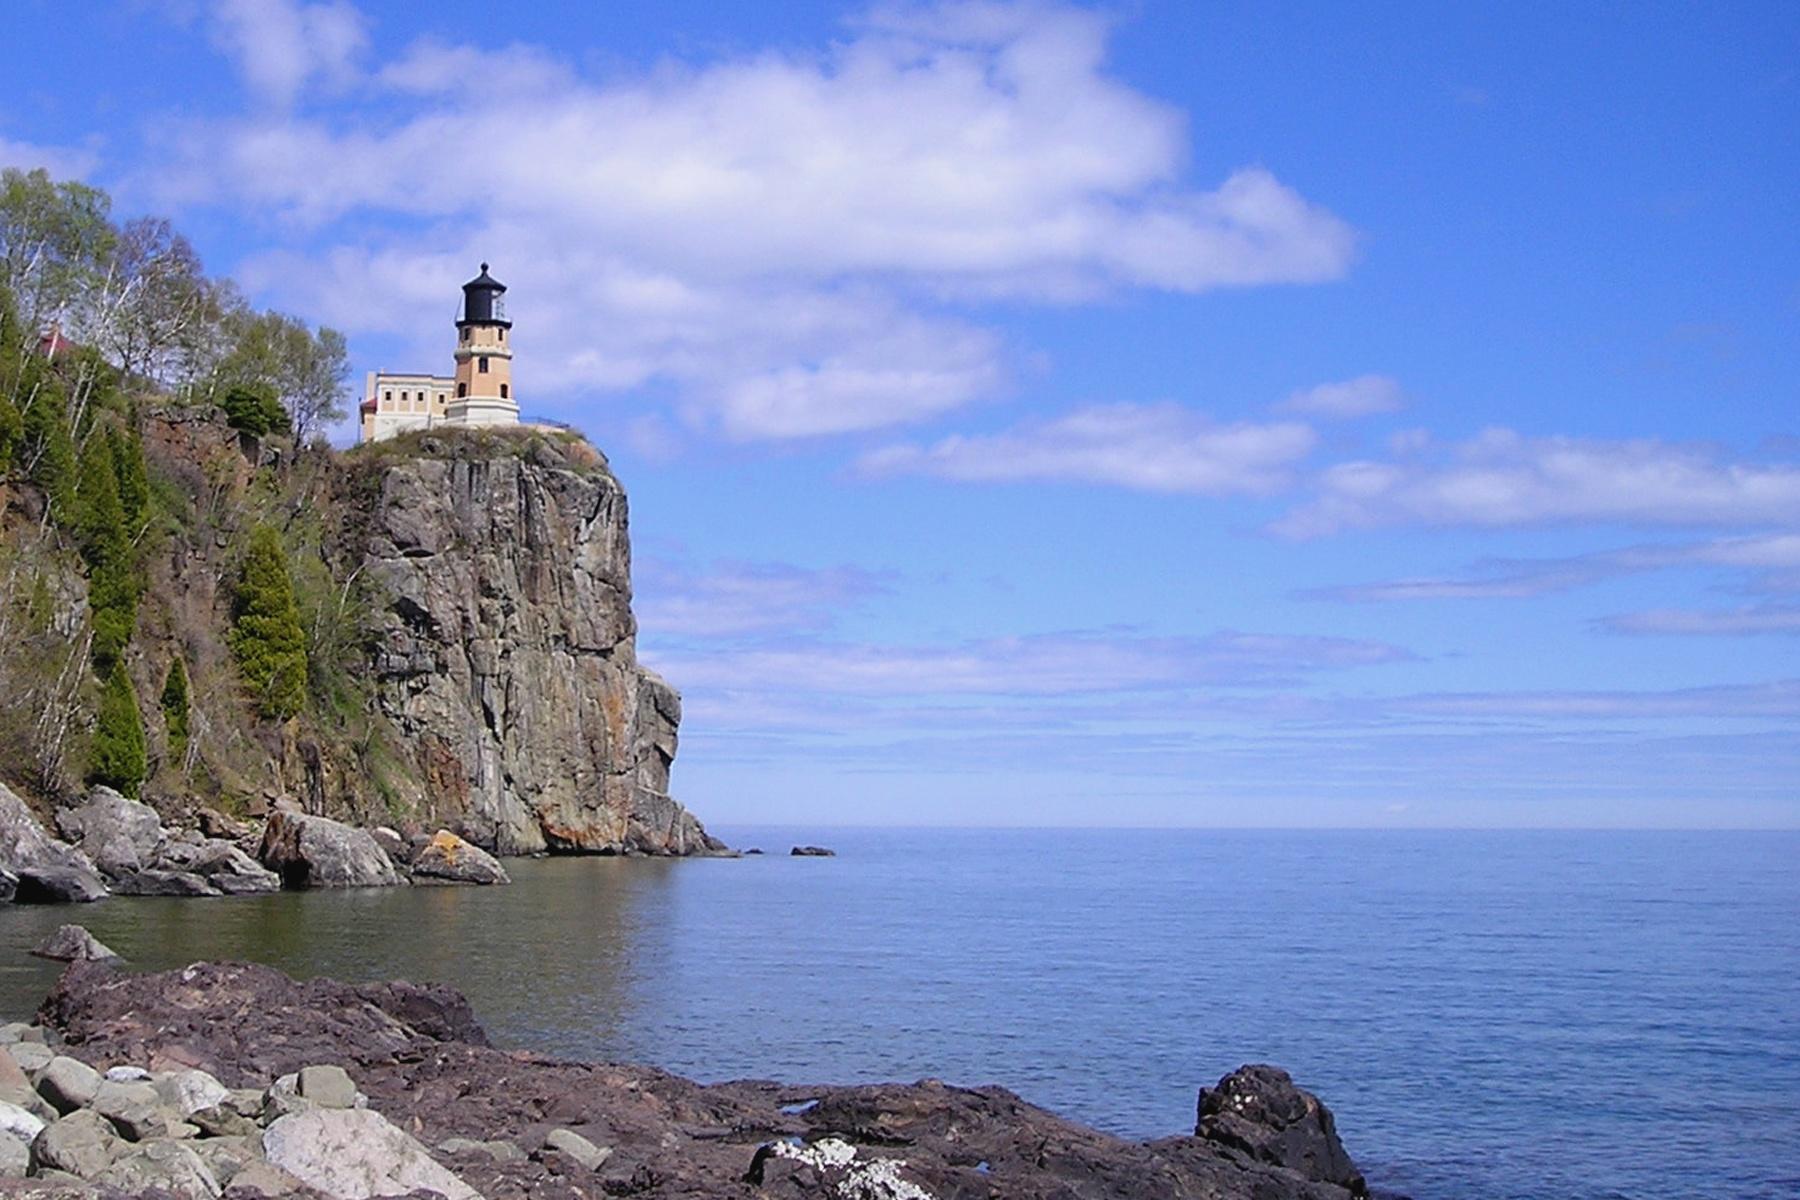 Splt Rock Lighthouse from the shore in spring by Bernard Mordorski